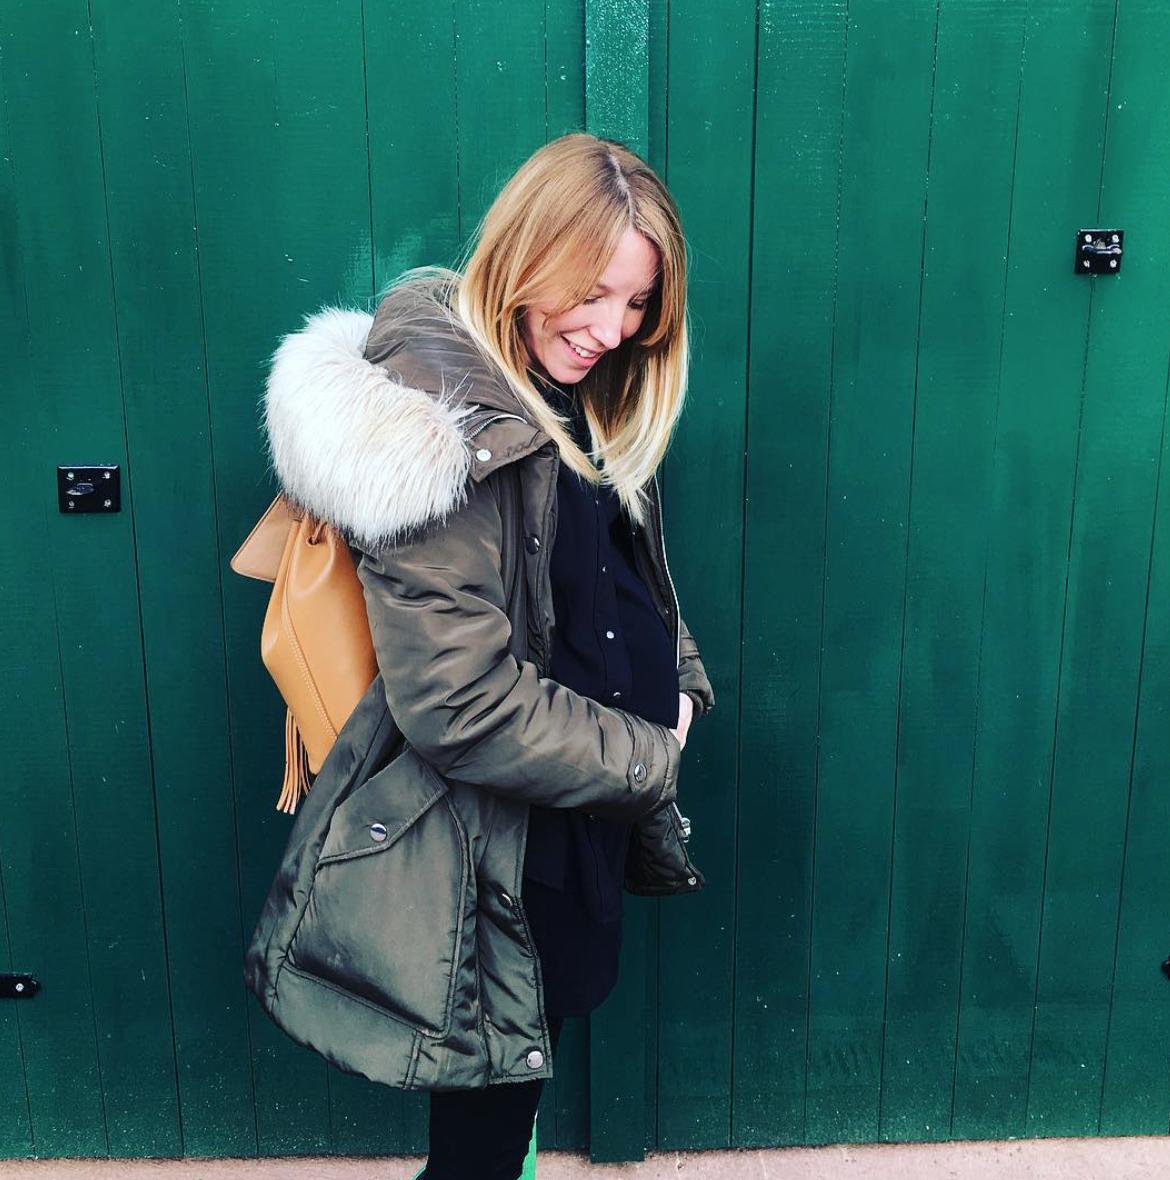 Blogger Spotlight Interview: One Clueless Mumma